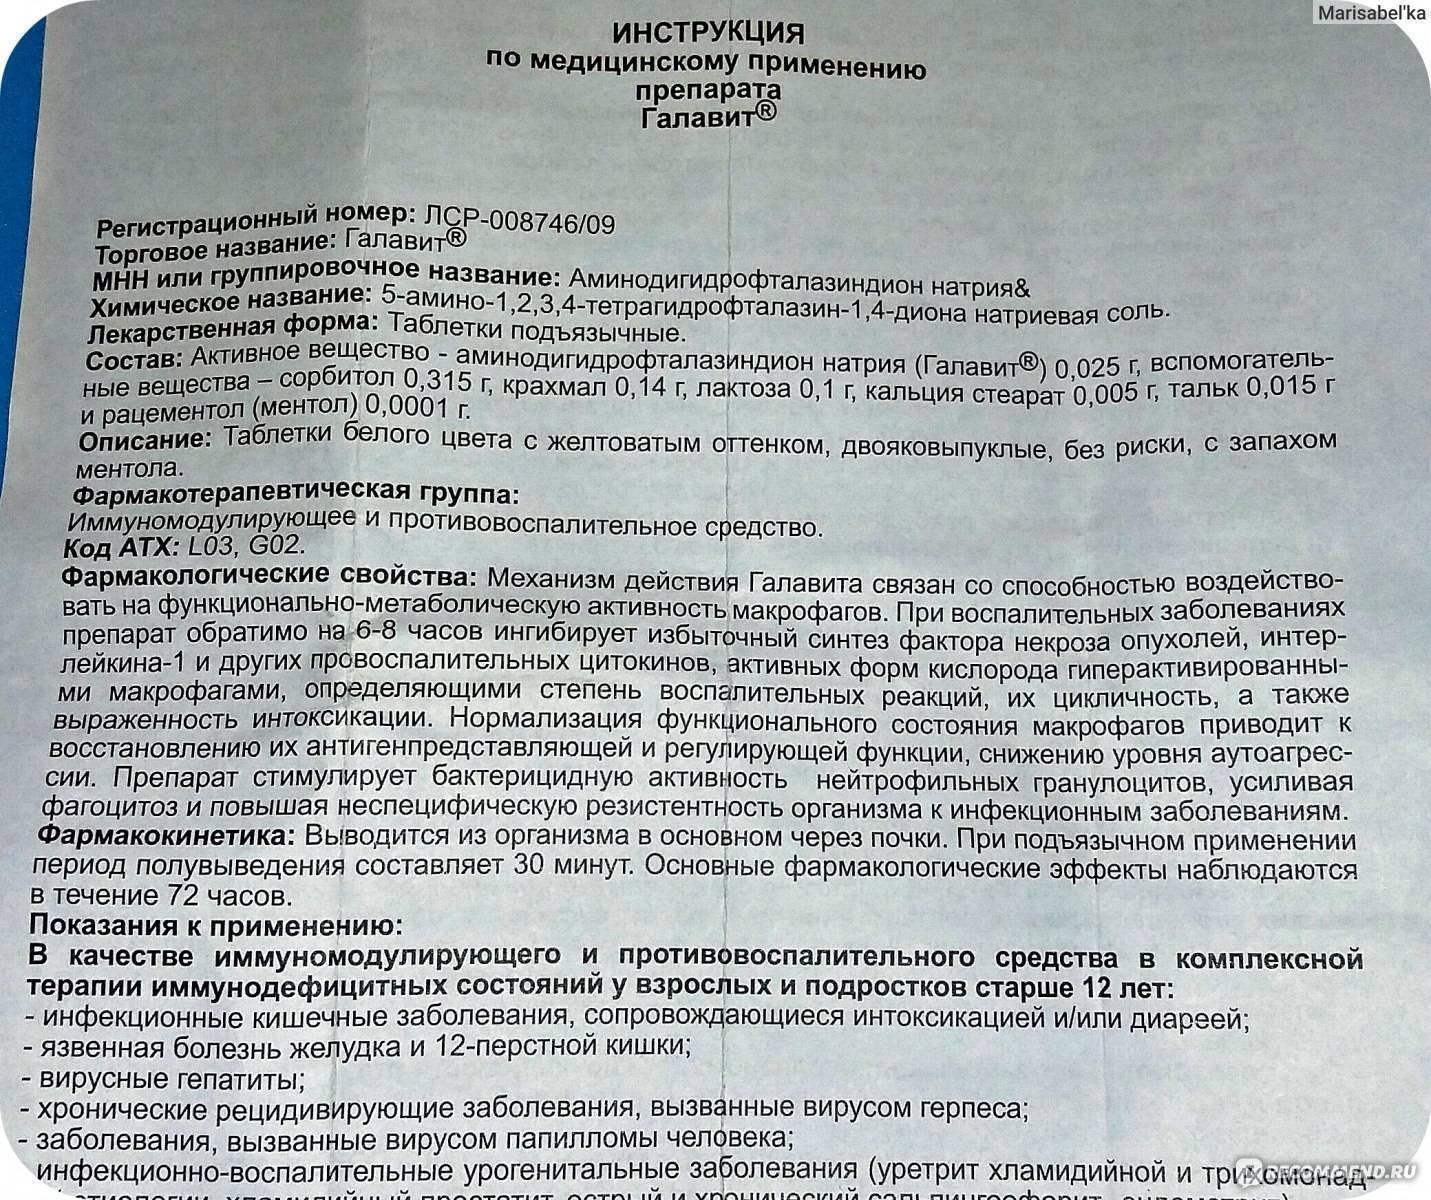 Свечи галавит: инструкция, можно ли применять с алкоголем | bezprivychek.ru